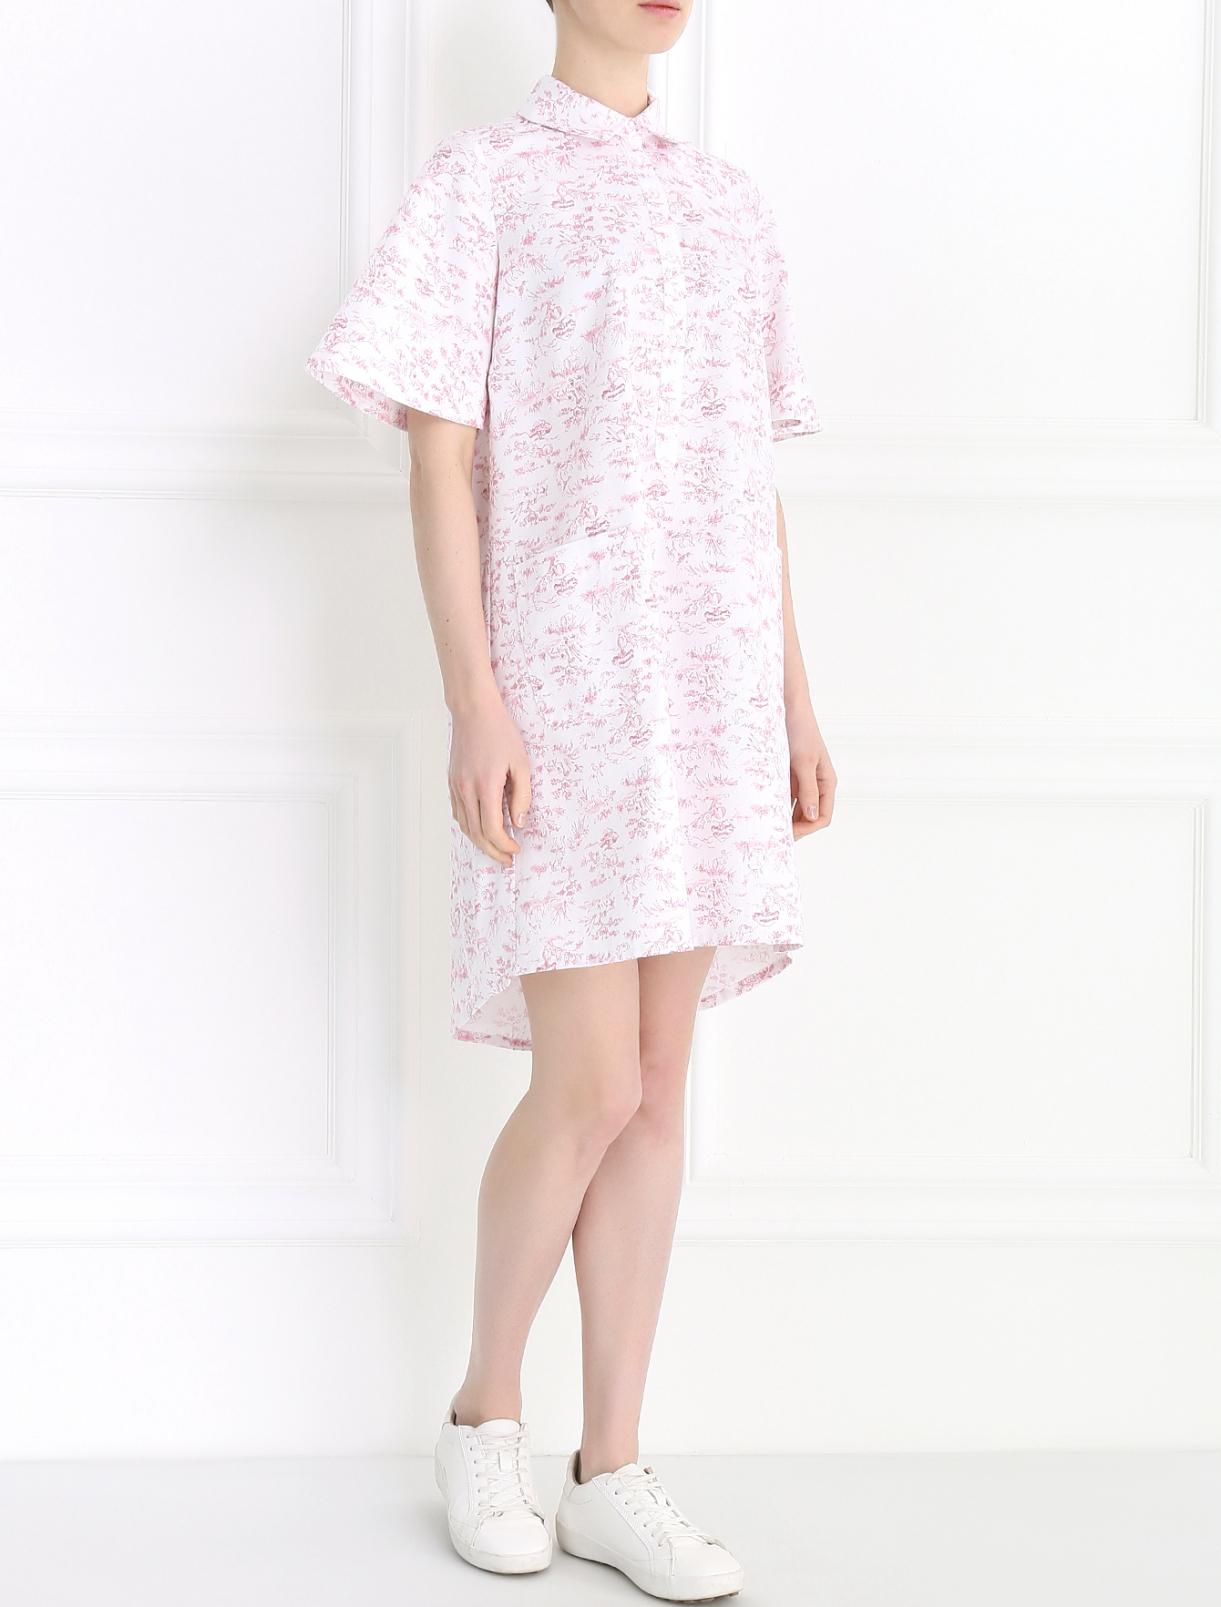 Платье-мини с коротким рукавом Petit Jete  –  Модель Общий вид  – Цвет:  Узор